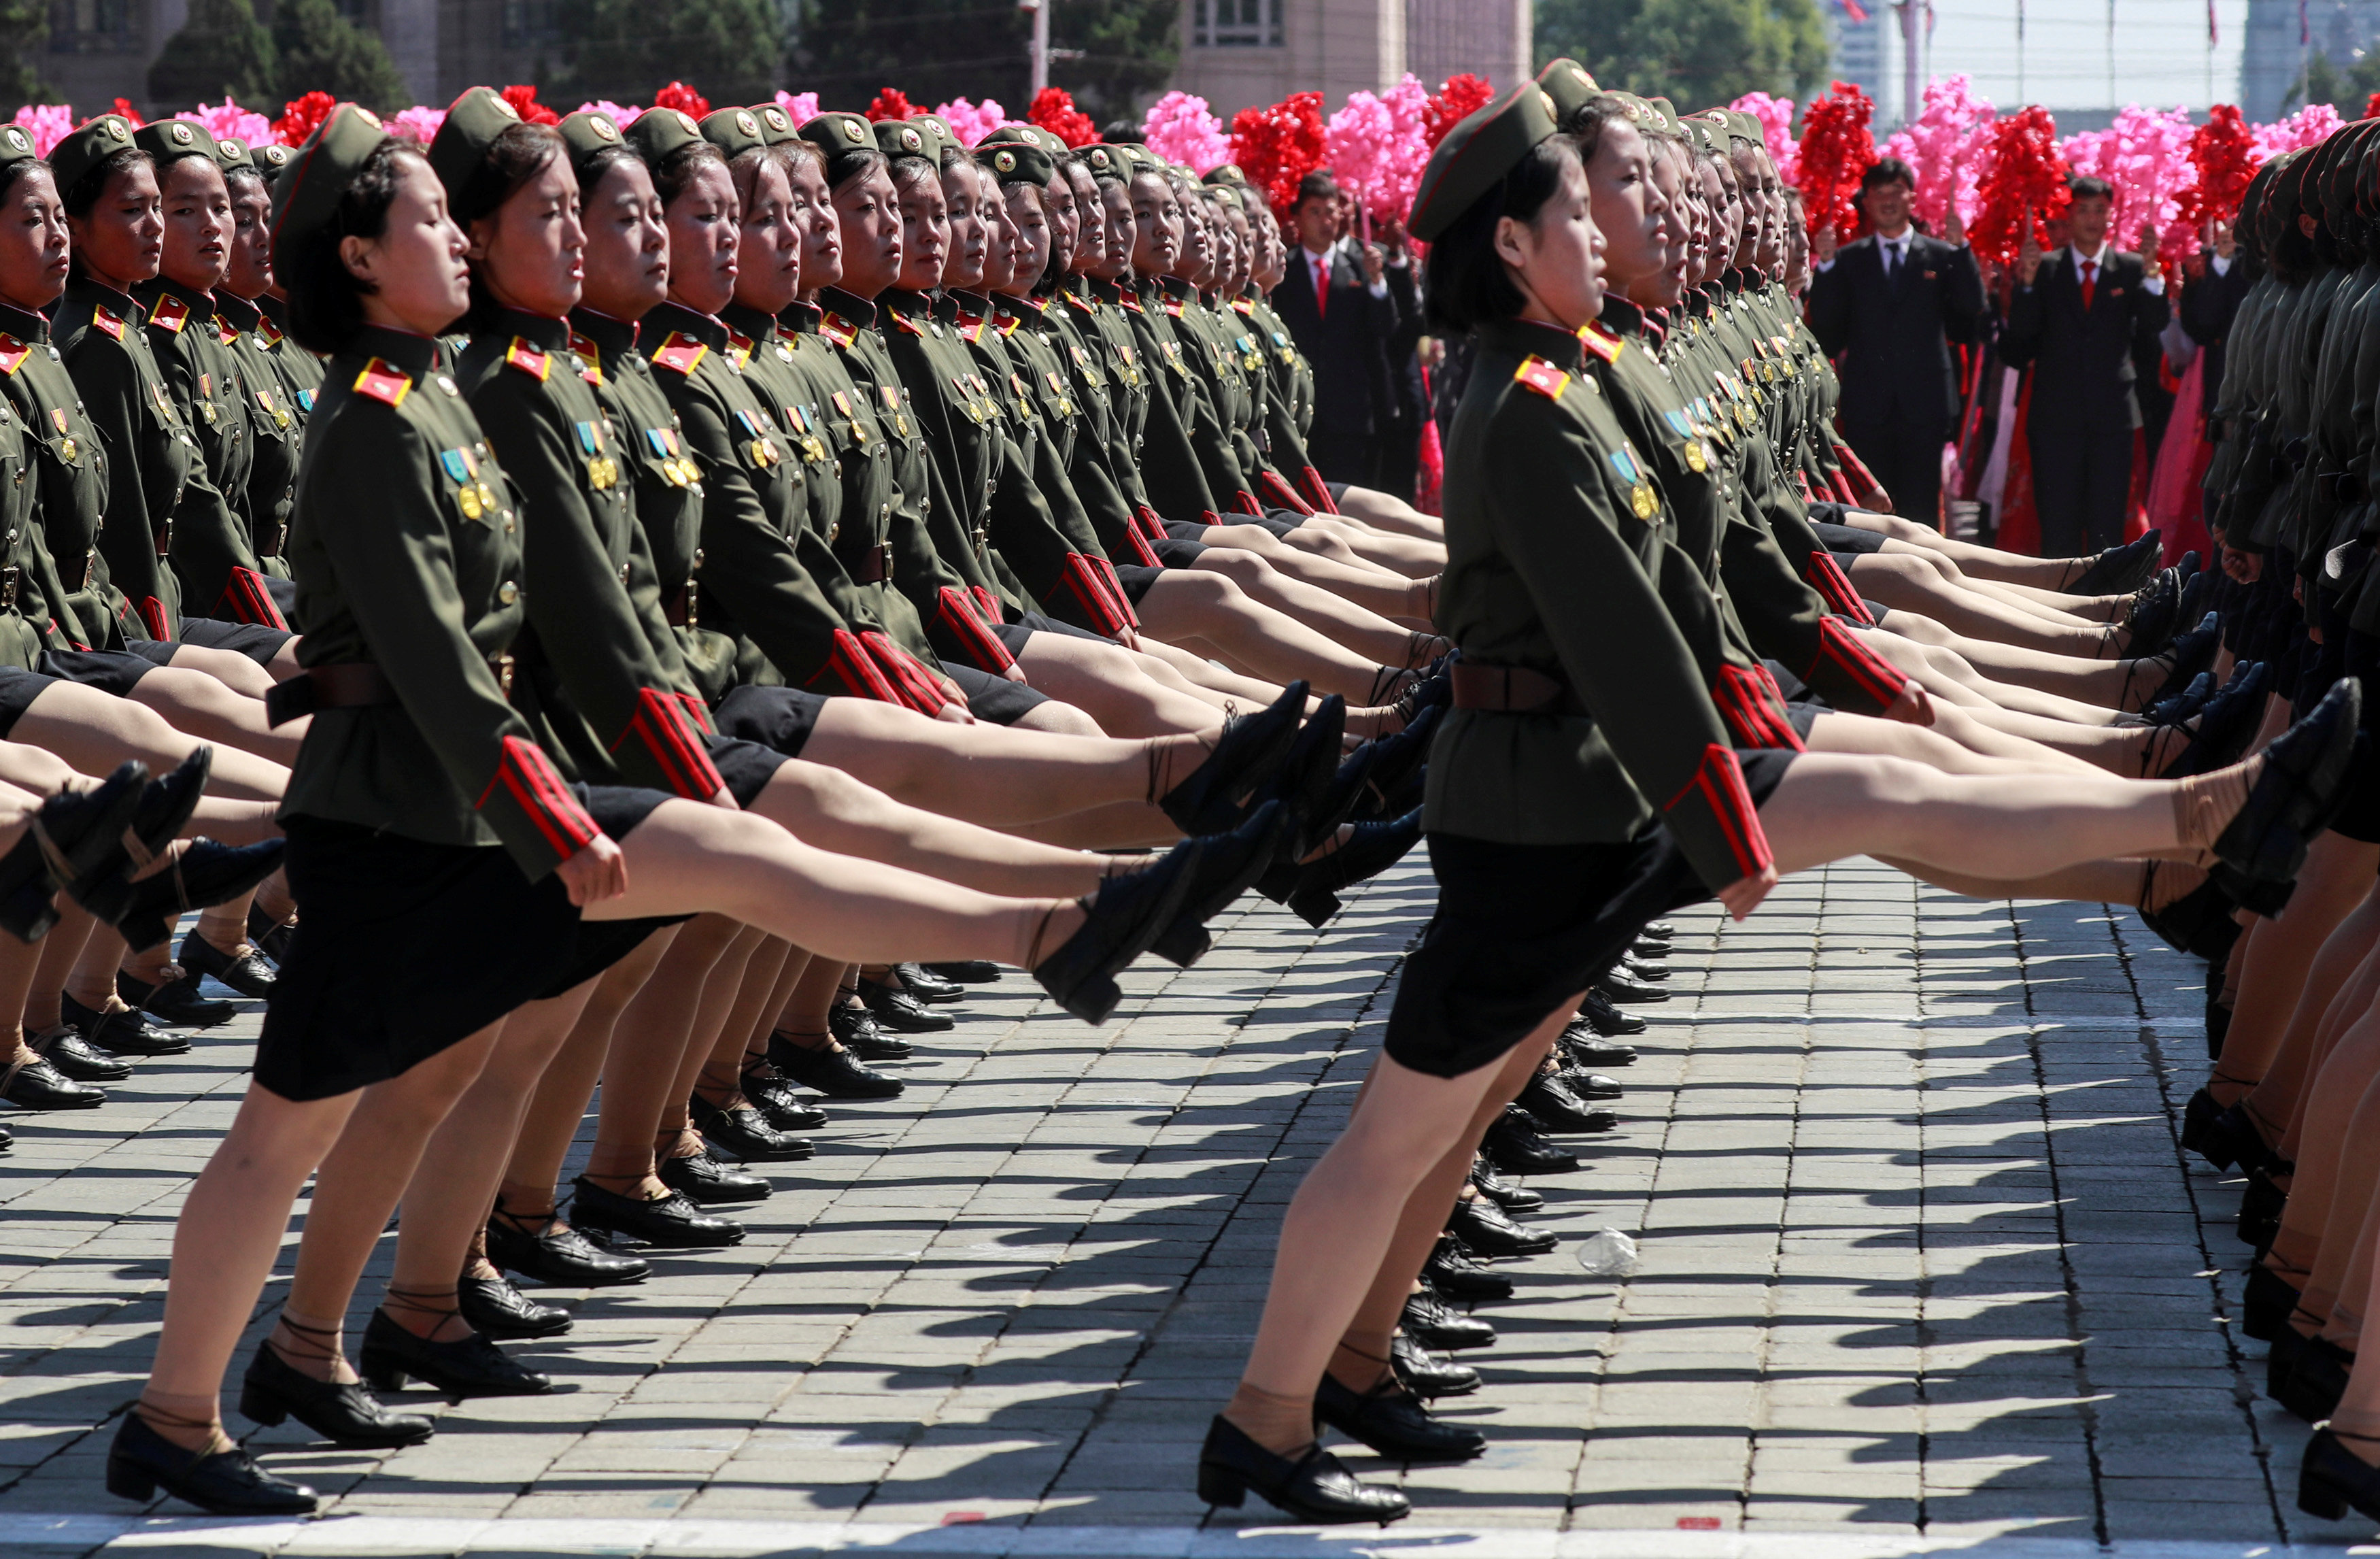 El desfile militar celebrado en Pyongyang con ocasión del 70 aniversario del país